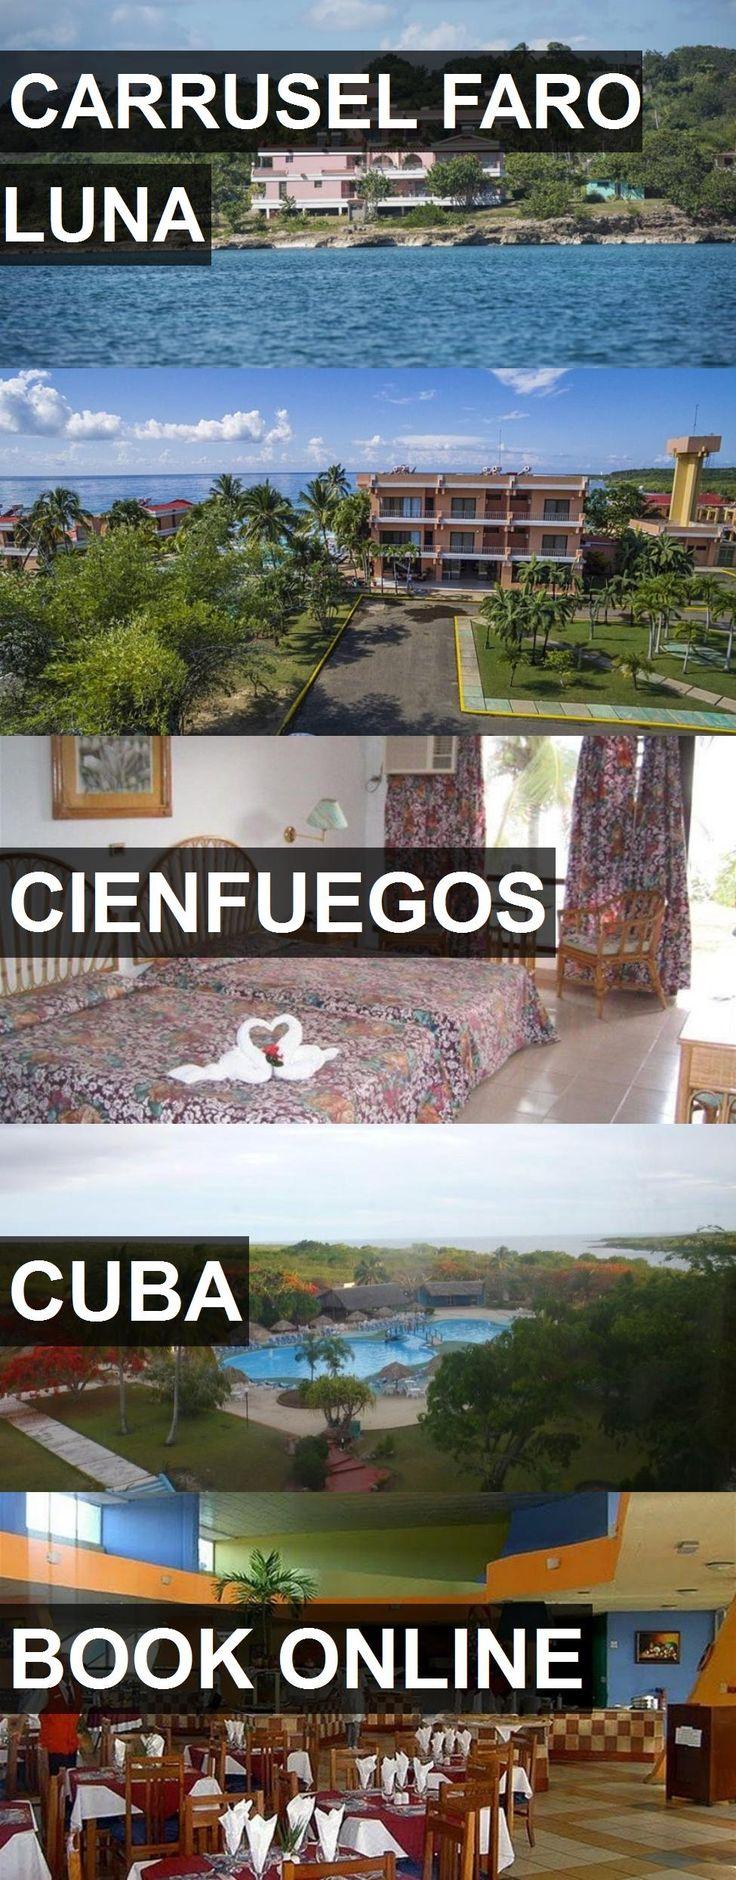 Hotel CARRUSEL FARO LUNA in Cienfuegos, Cuba. For more information, photos, reviews and best prices please follow the link. #Cuba #Cienfuegos #CARRUSELFAROLUNA #hotel #travel #vacation